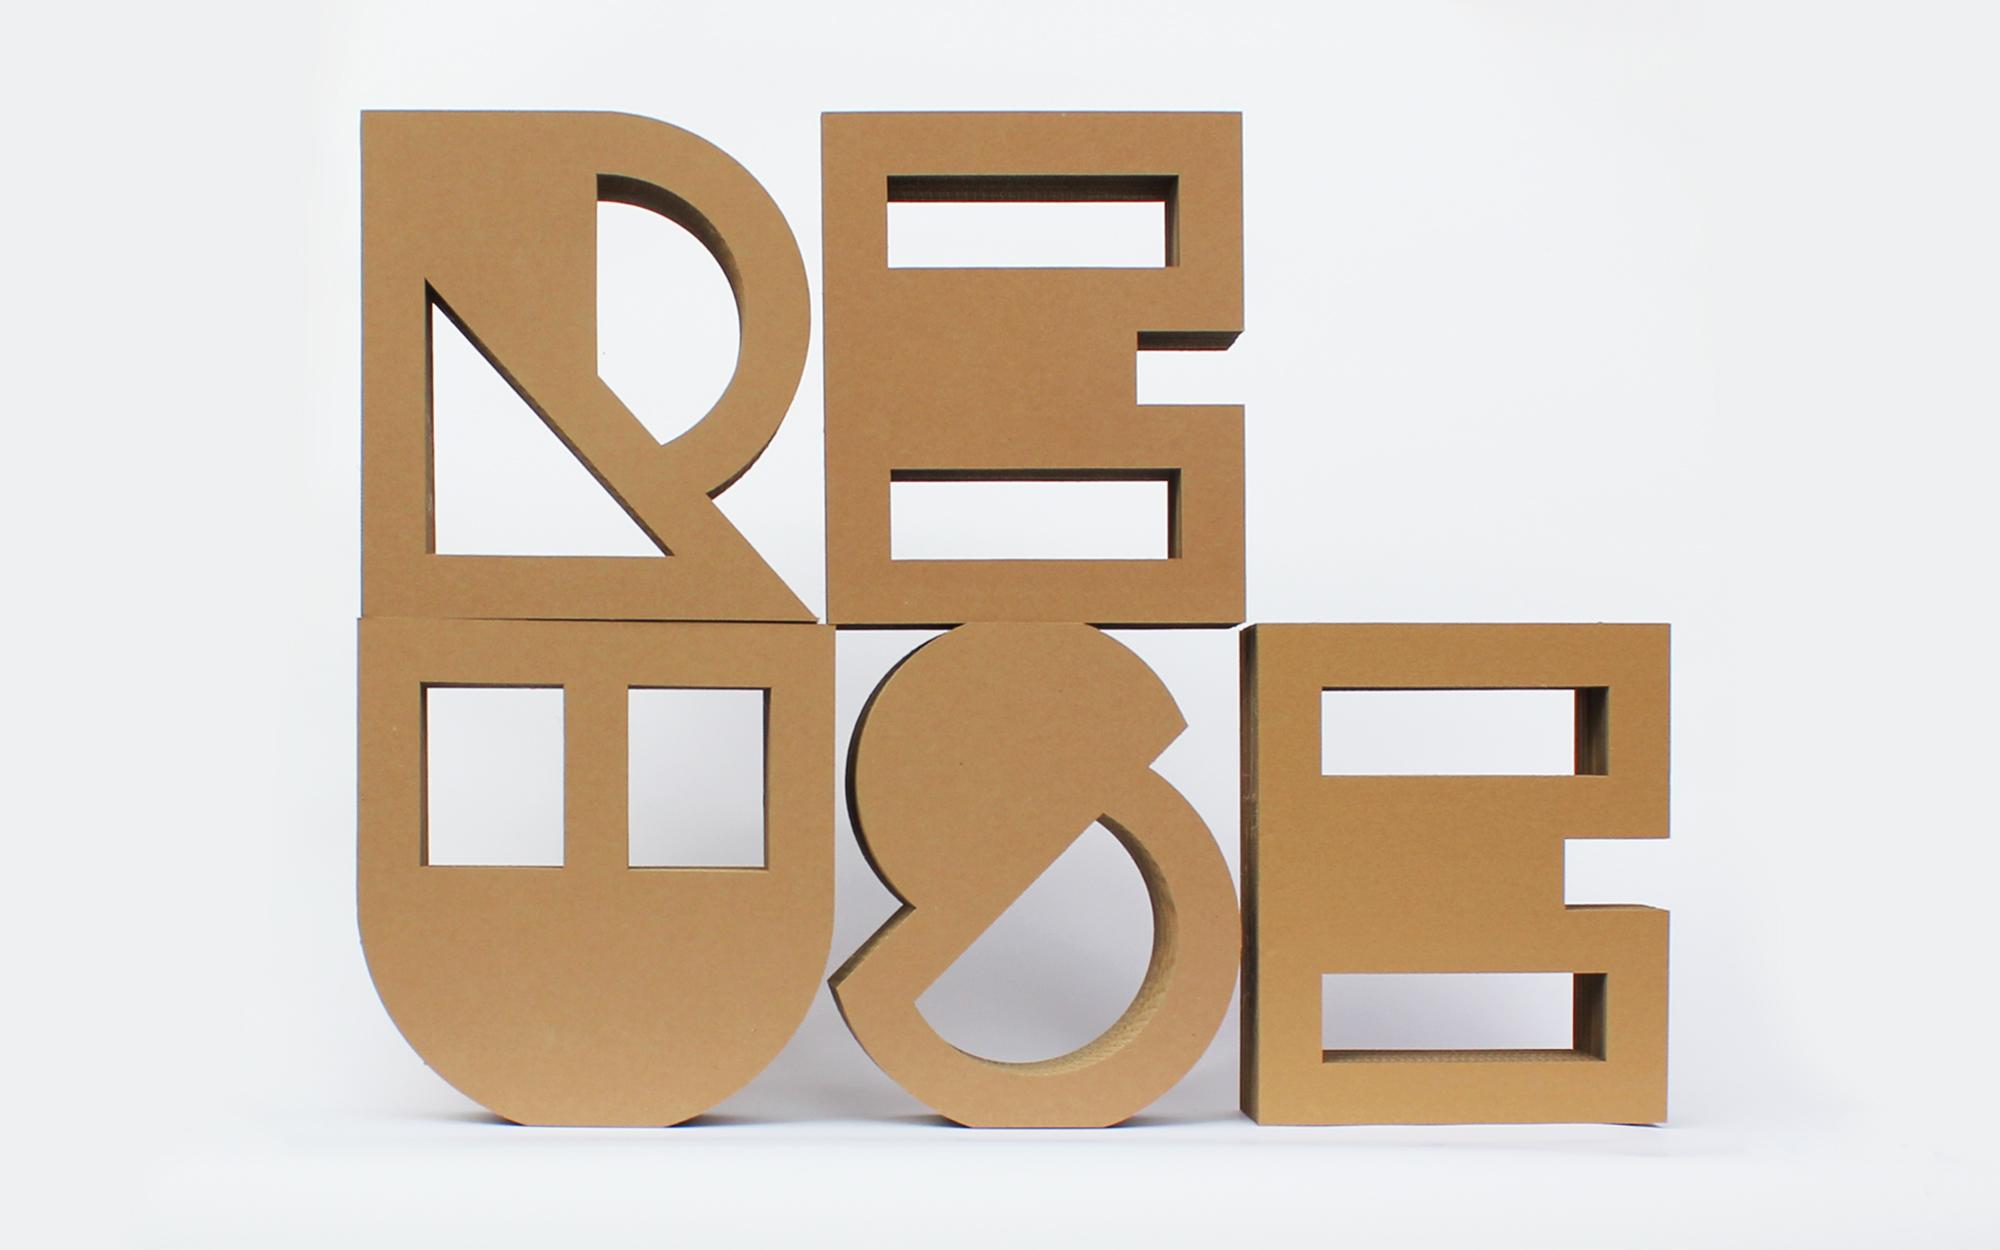 reuse_type_cardboard_typography_matthew_pomorski_graphic_designer_kent_1